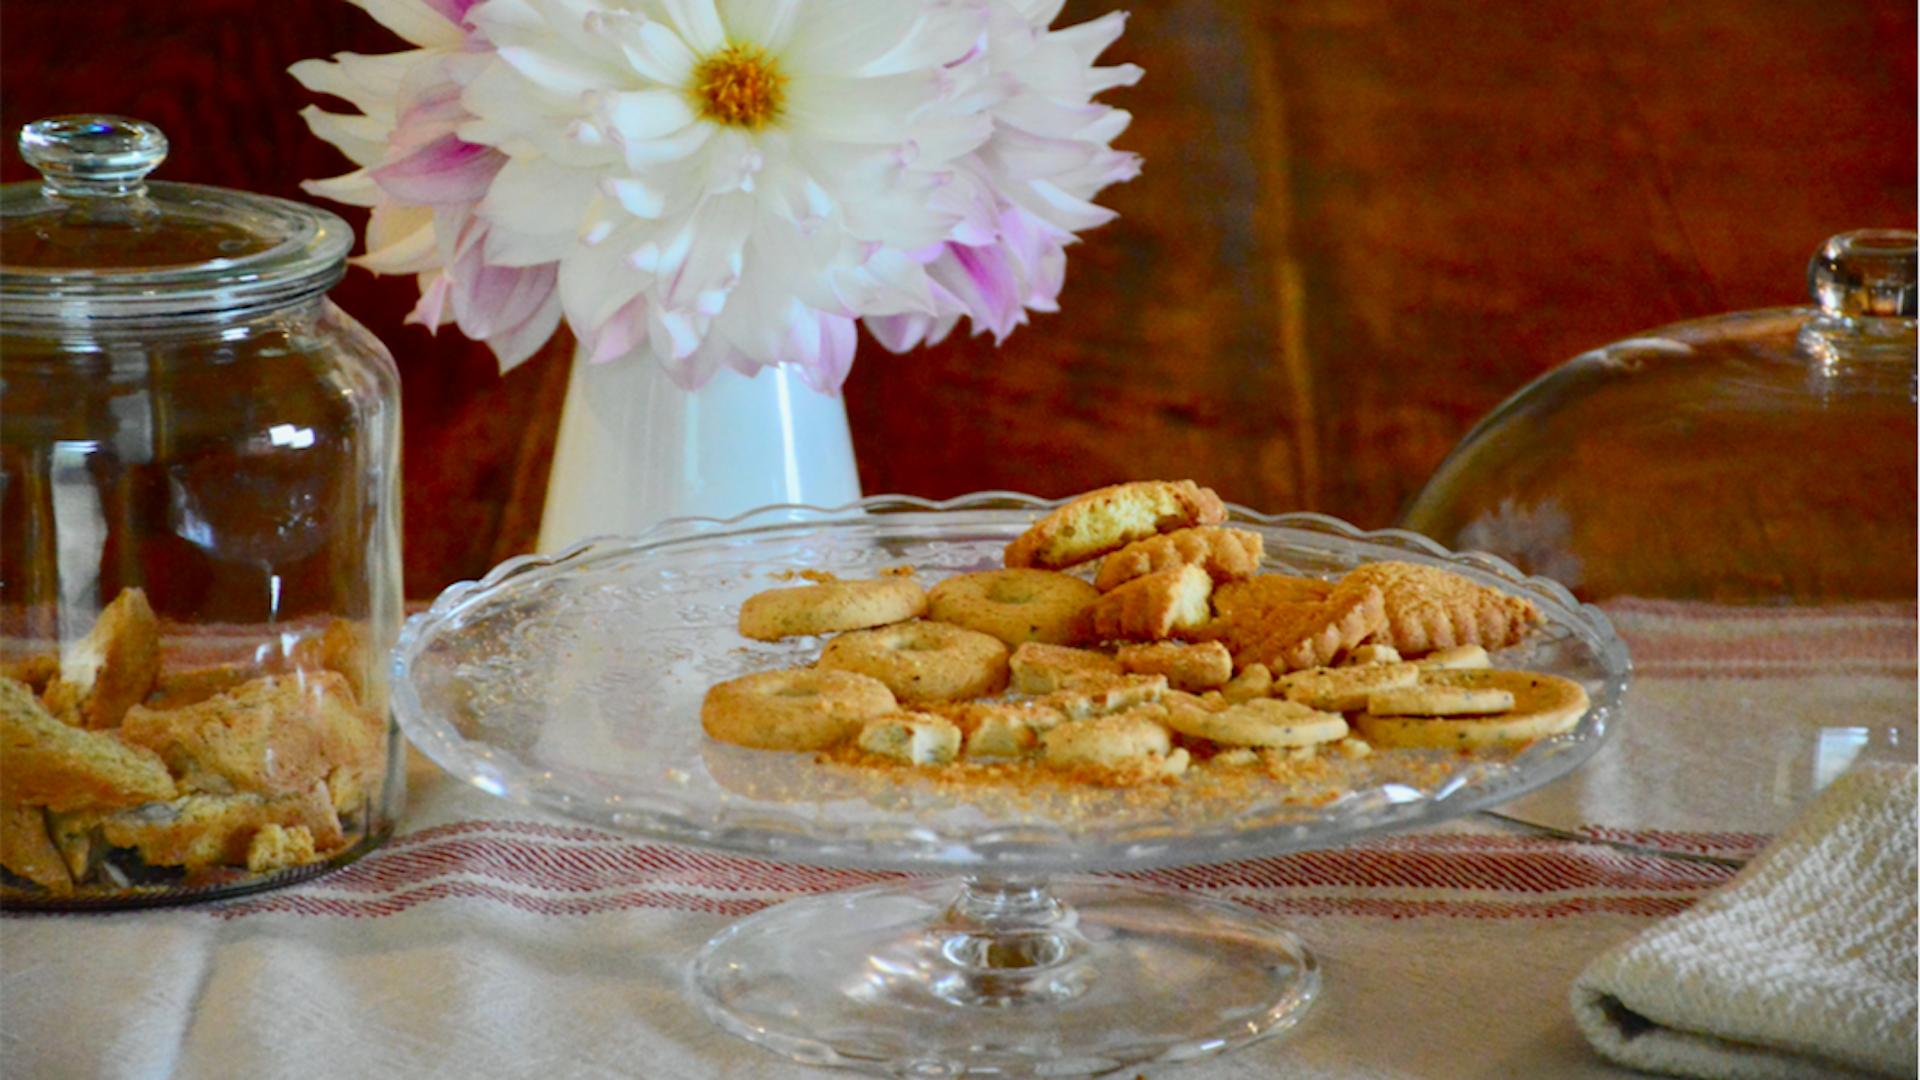 come riciclare i biscotti avanzati con ricette facili